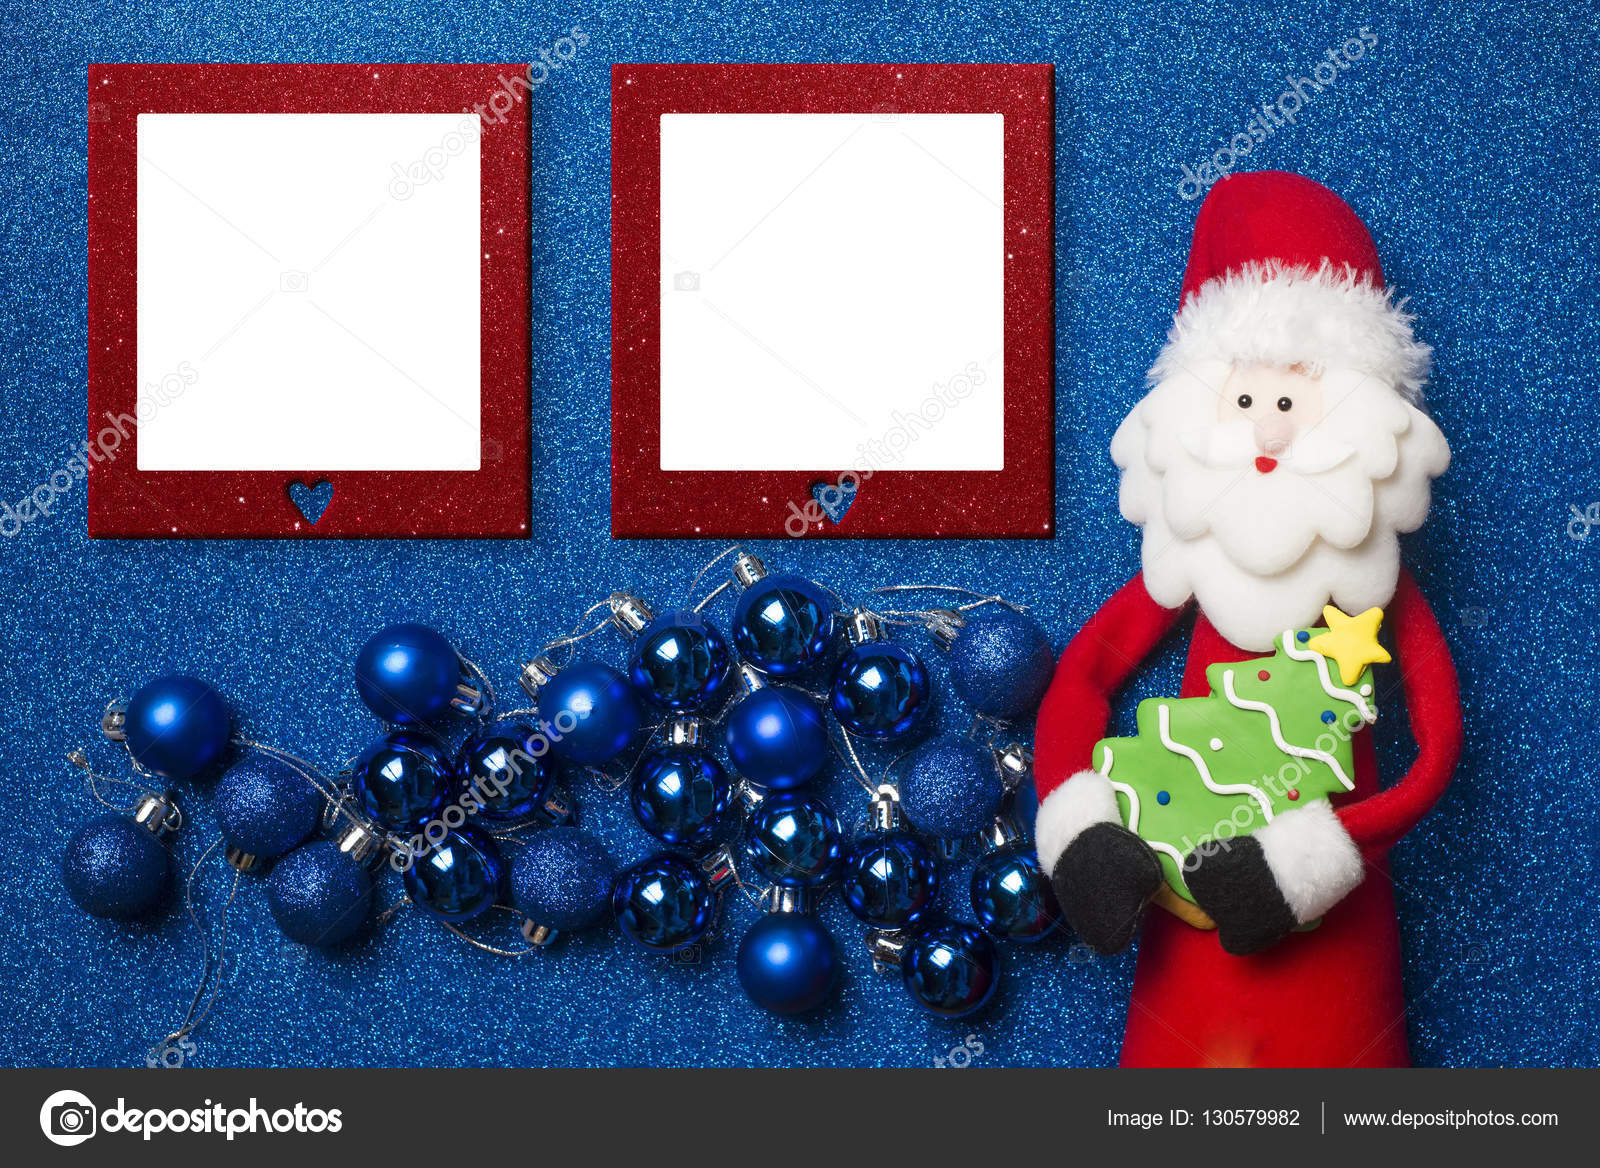 Tarjeta de Navidad de marcos de foto — Foto de stock © Risia #130579982